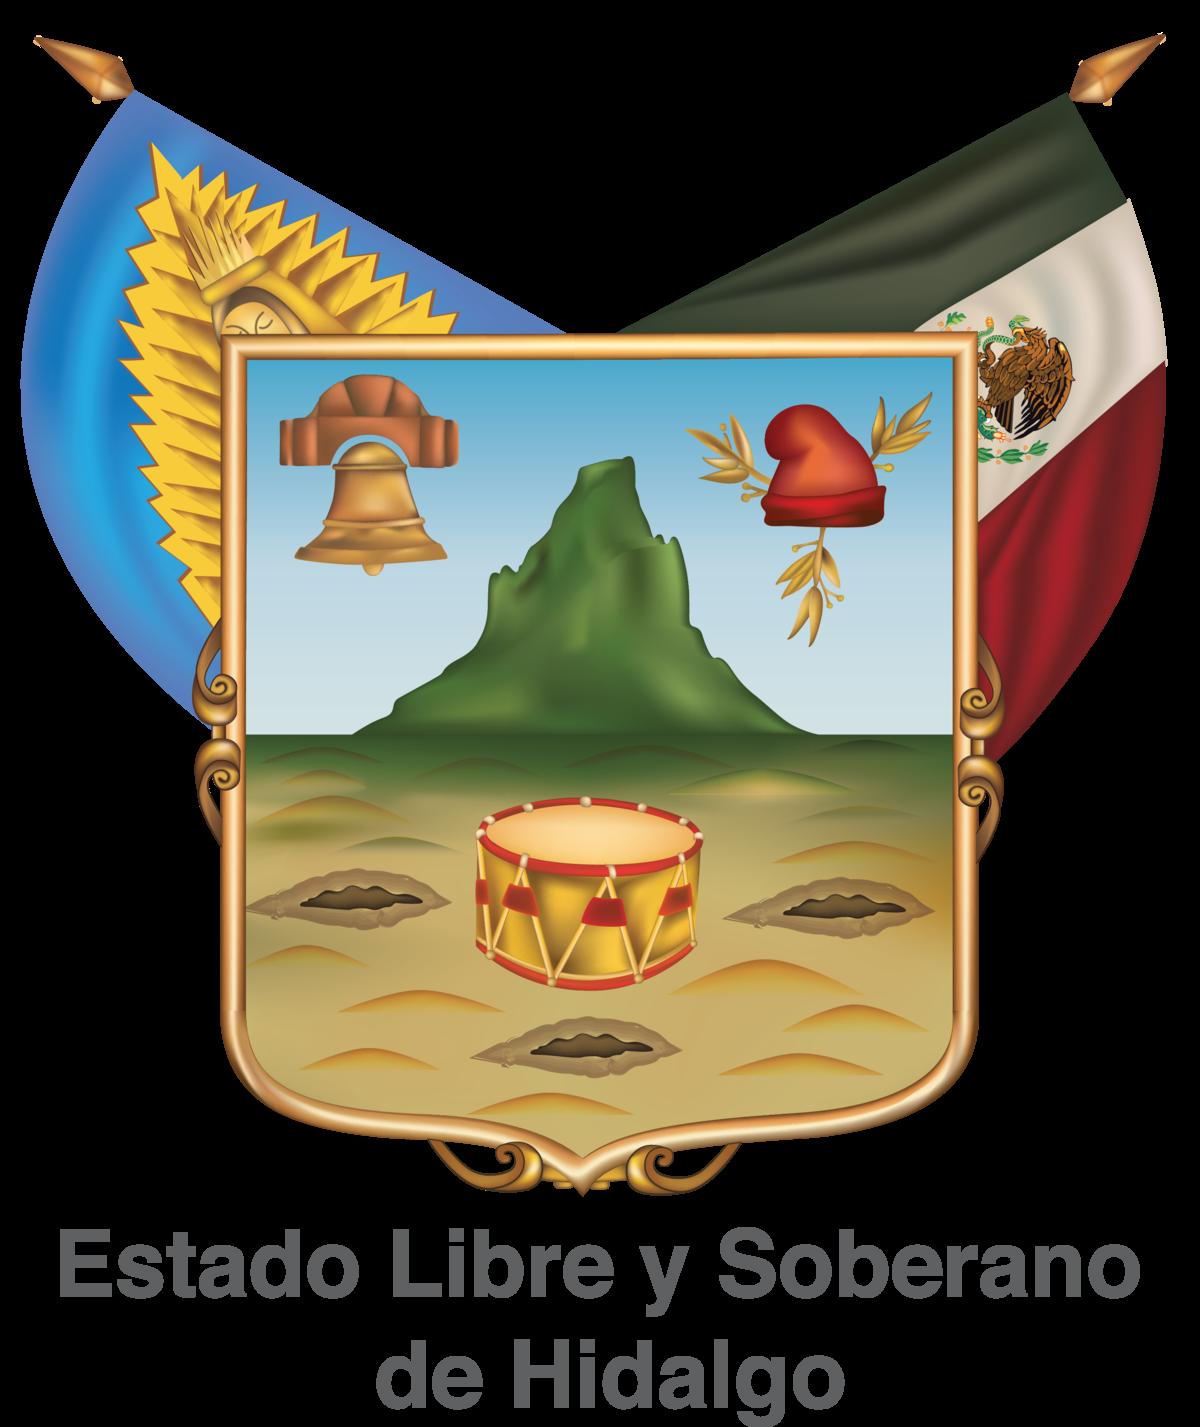 Escudo del estado de Hidalgo - Wikipedia, la enciclopedia libre